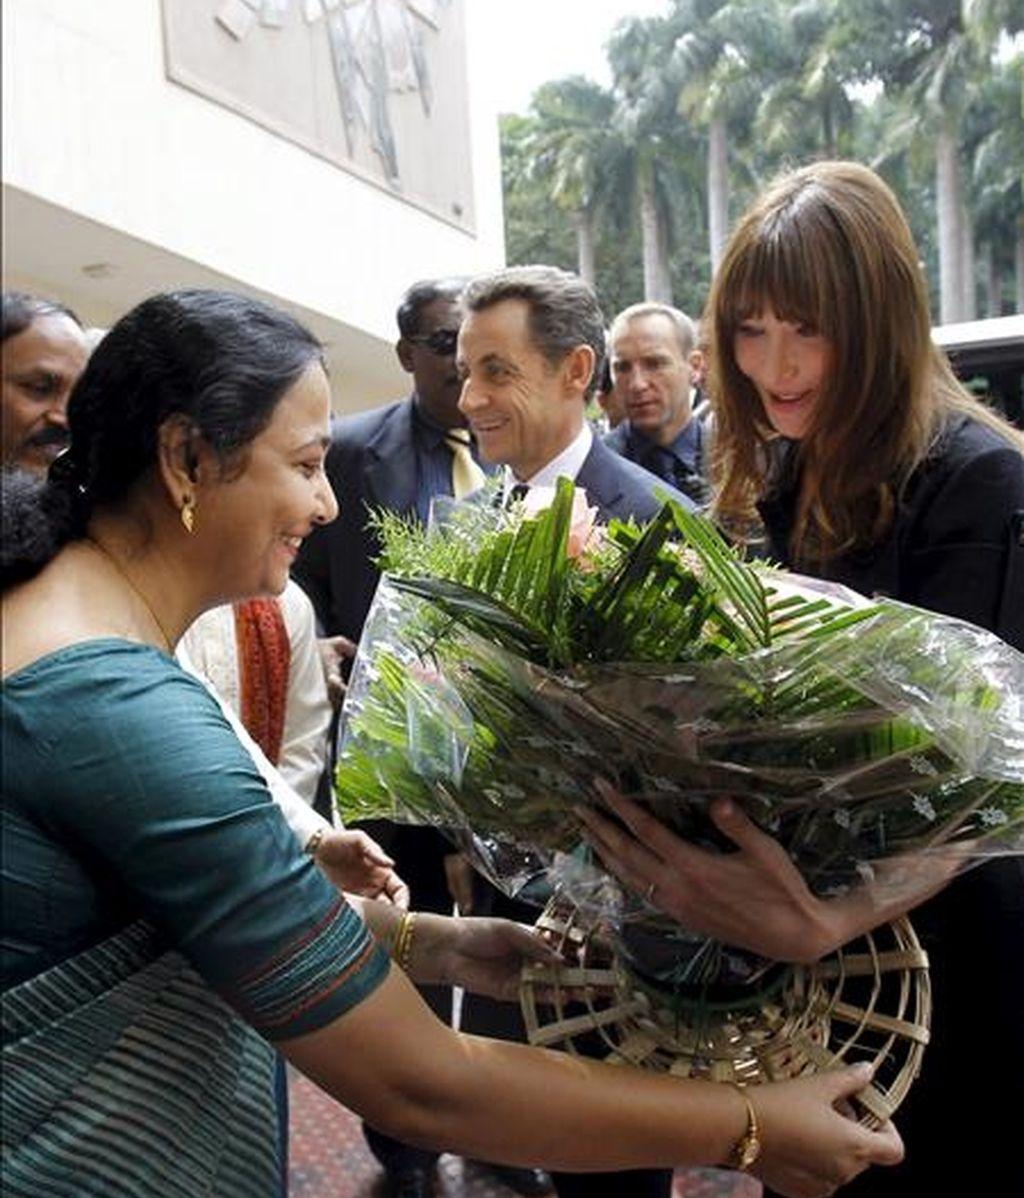 El presidente francés, Nicolás Sarkozy (c), junto a la primera dama francesa, Carla Bruni (d), que recibe un arreglo floral, llegan a una visita en la Organización india de Investigación Espacial (ISRO), en Bangalore (India), hoy, 4 de diciembre de 2010. EFE